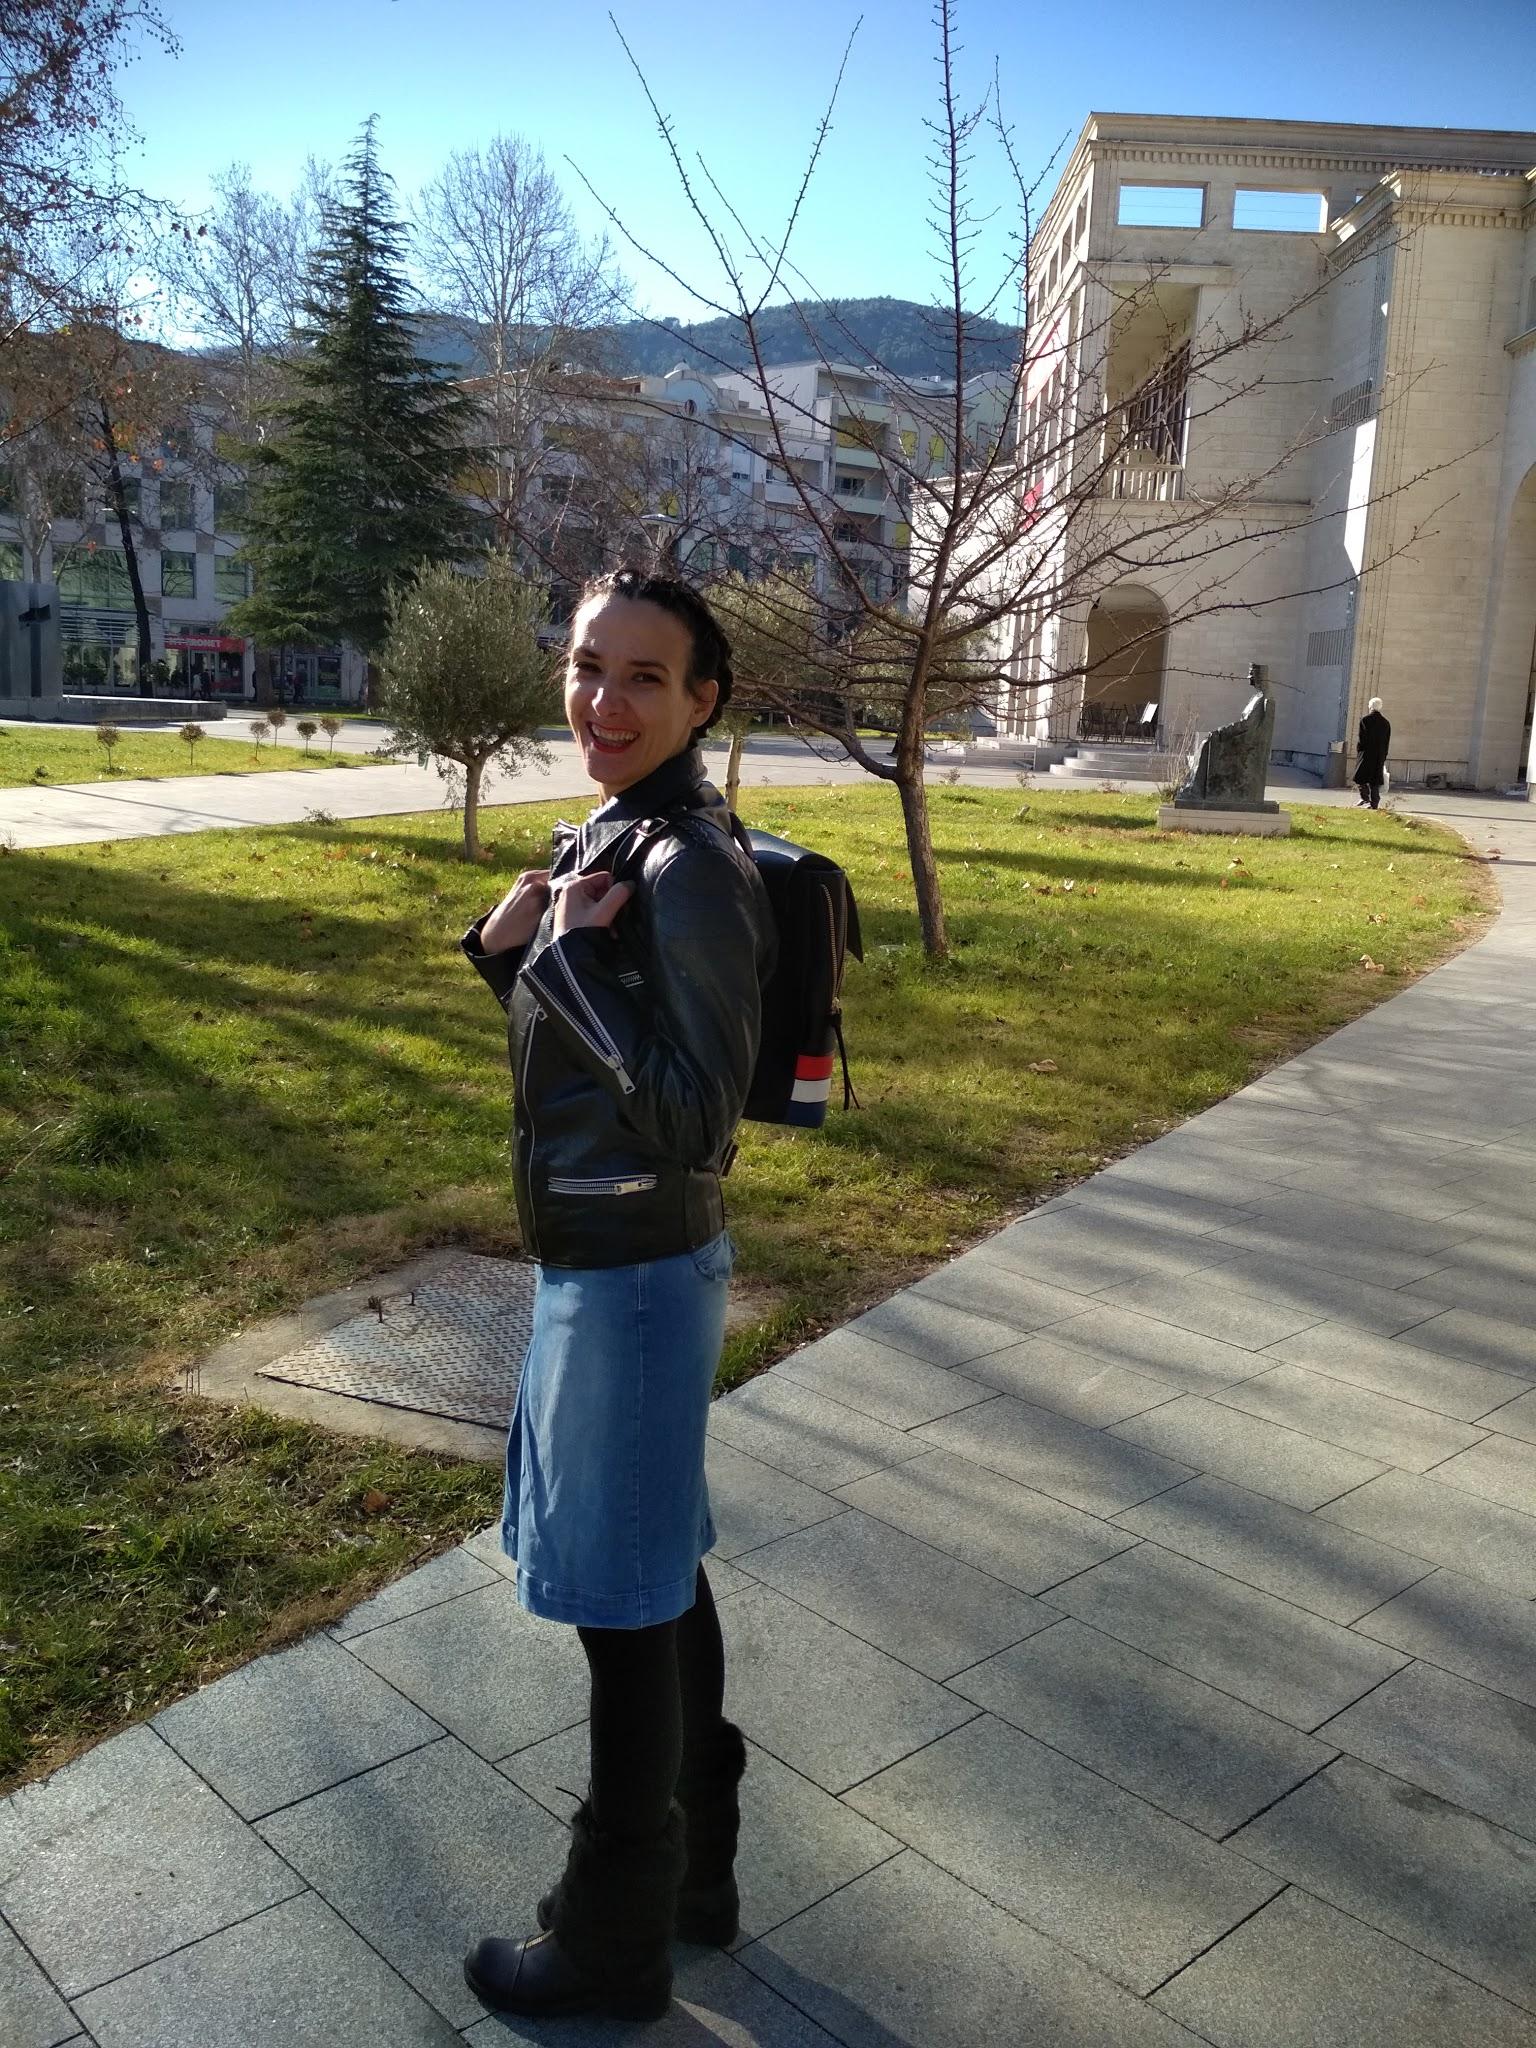 #fashionblog #oftd #leatherjacket #denim #backpack